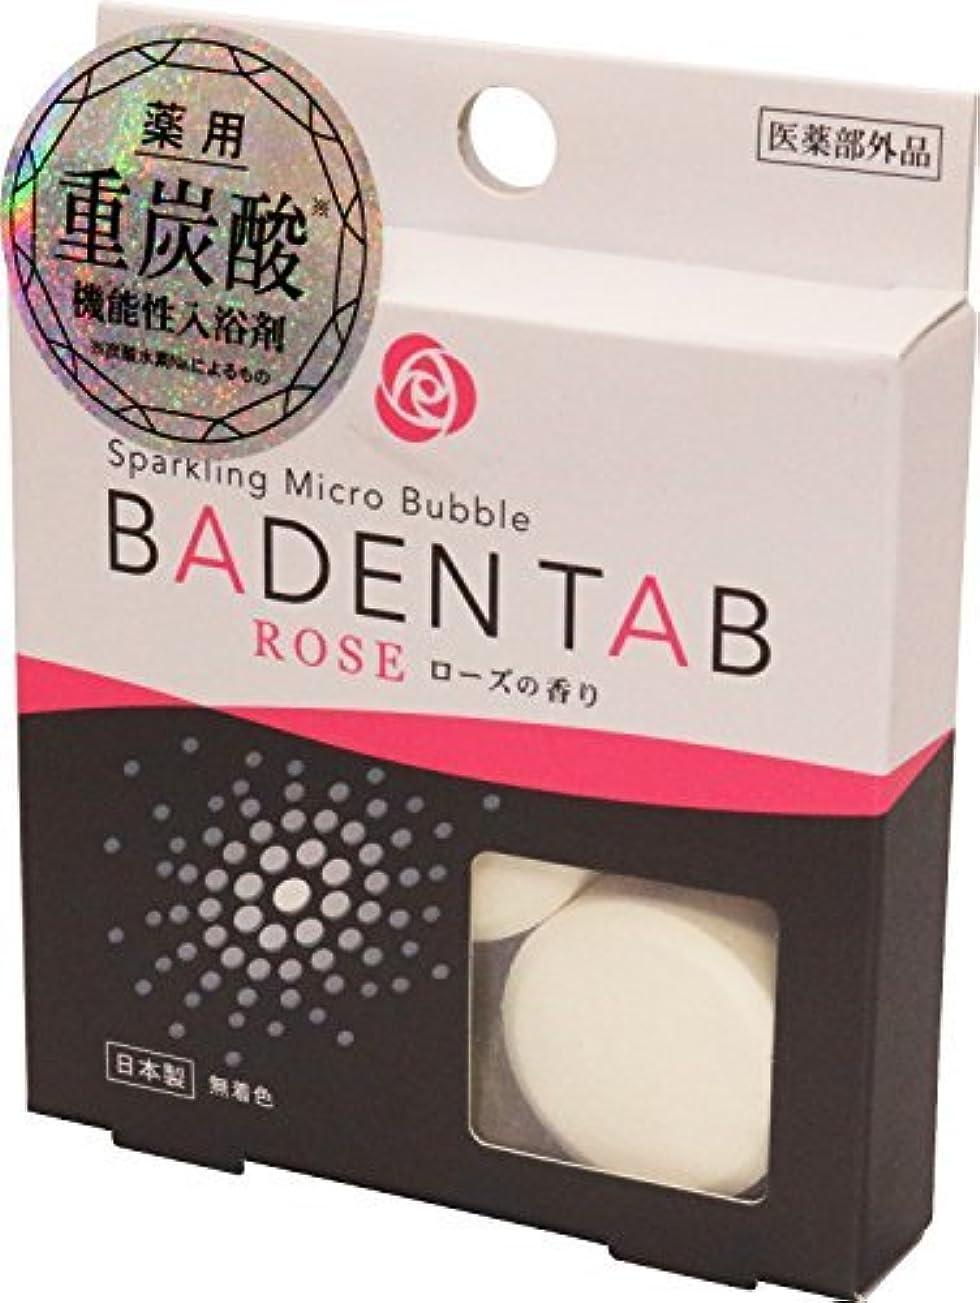 書士教室スナッチ日本製 made in japan 薬用BadenTabローズの香り5錠1パック15gx5錠入 BT-8754 【まとめ買い12個セット】